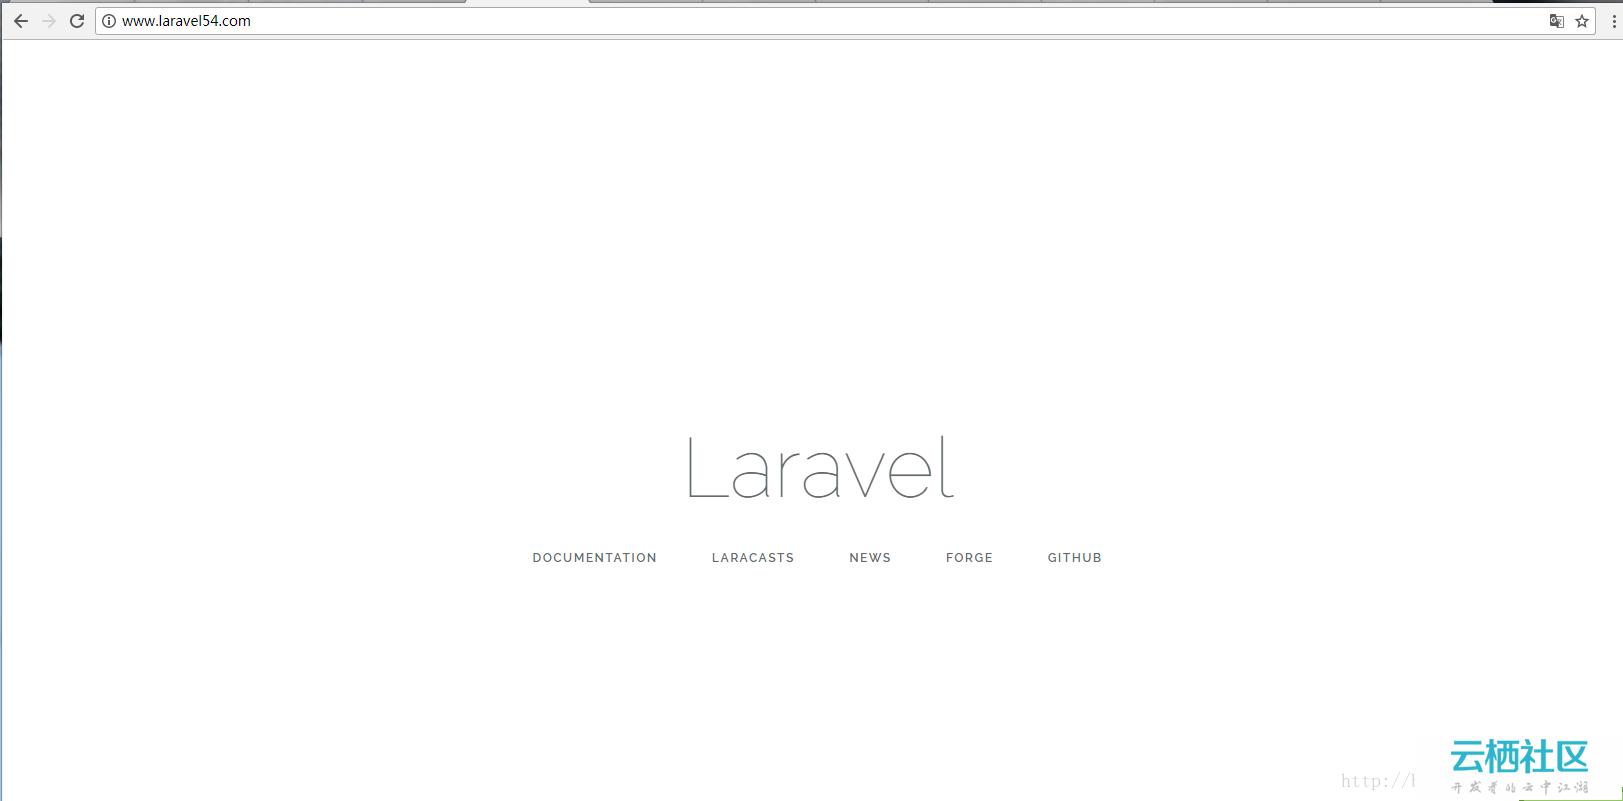 使用GIT安装laravel-